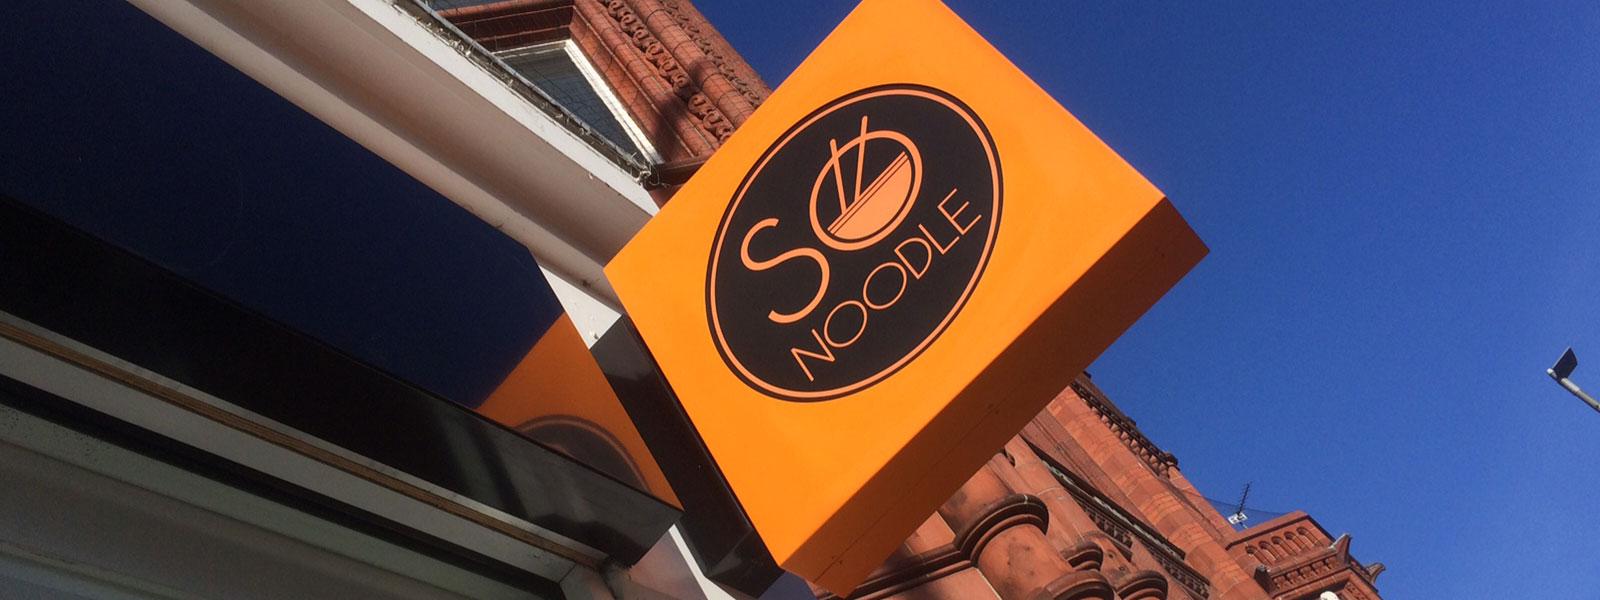 Noodling on a facelift?